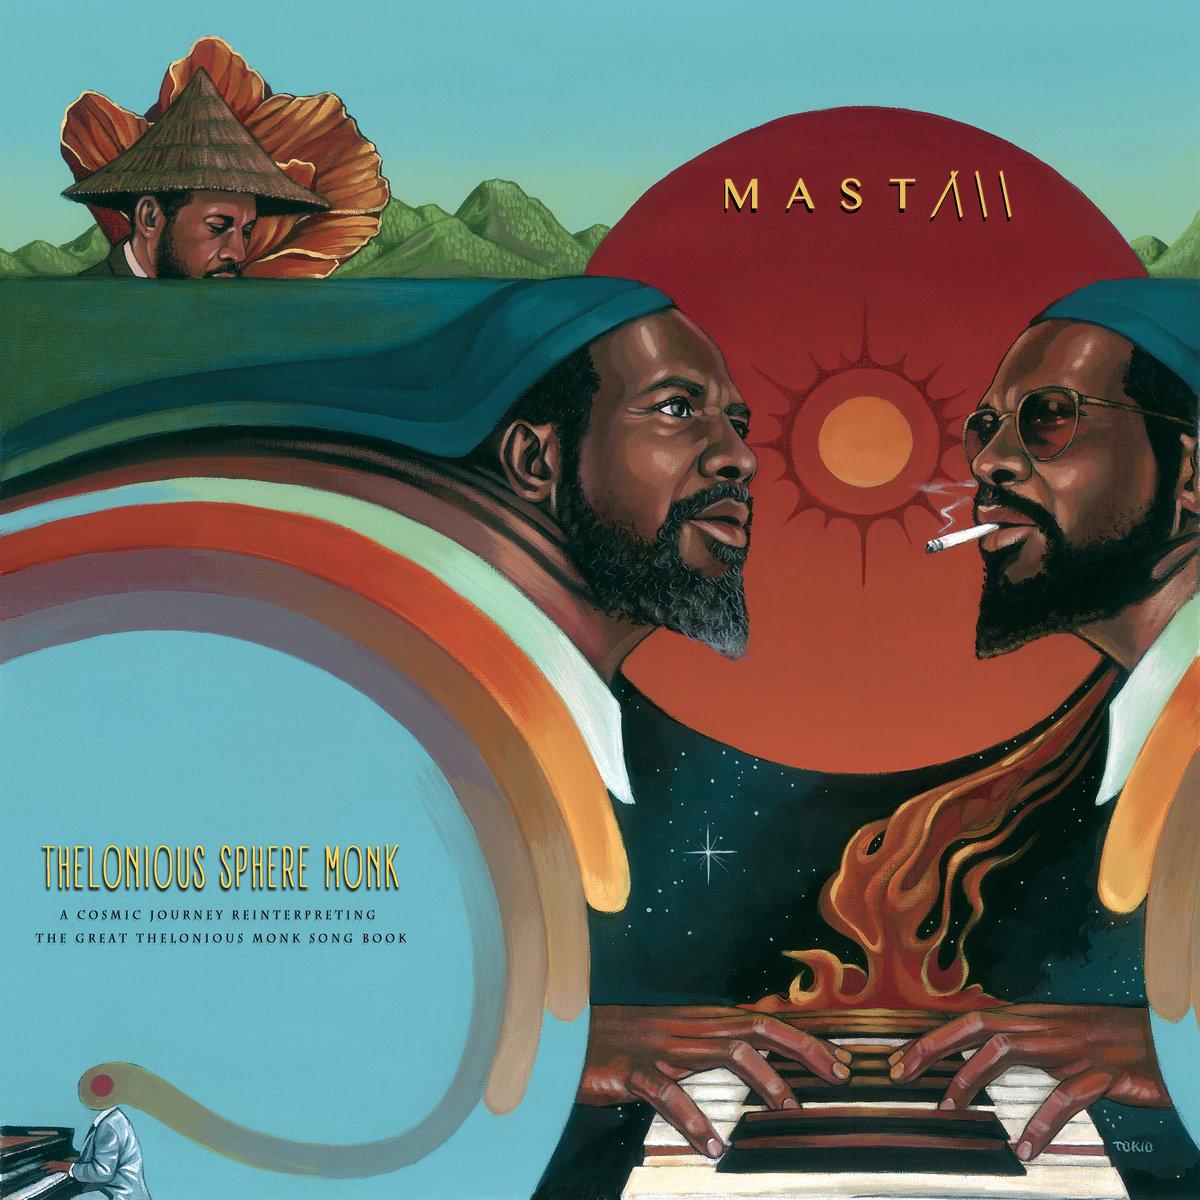 MAST // Thelonious Sphere Monk